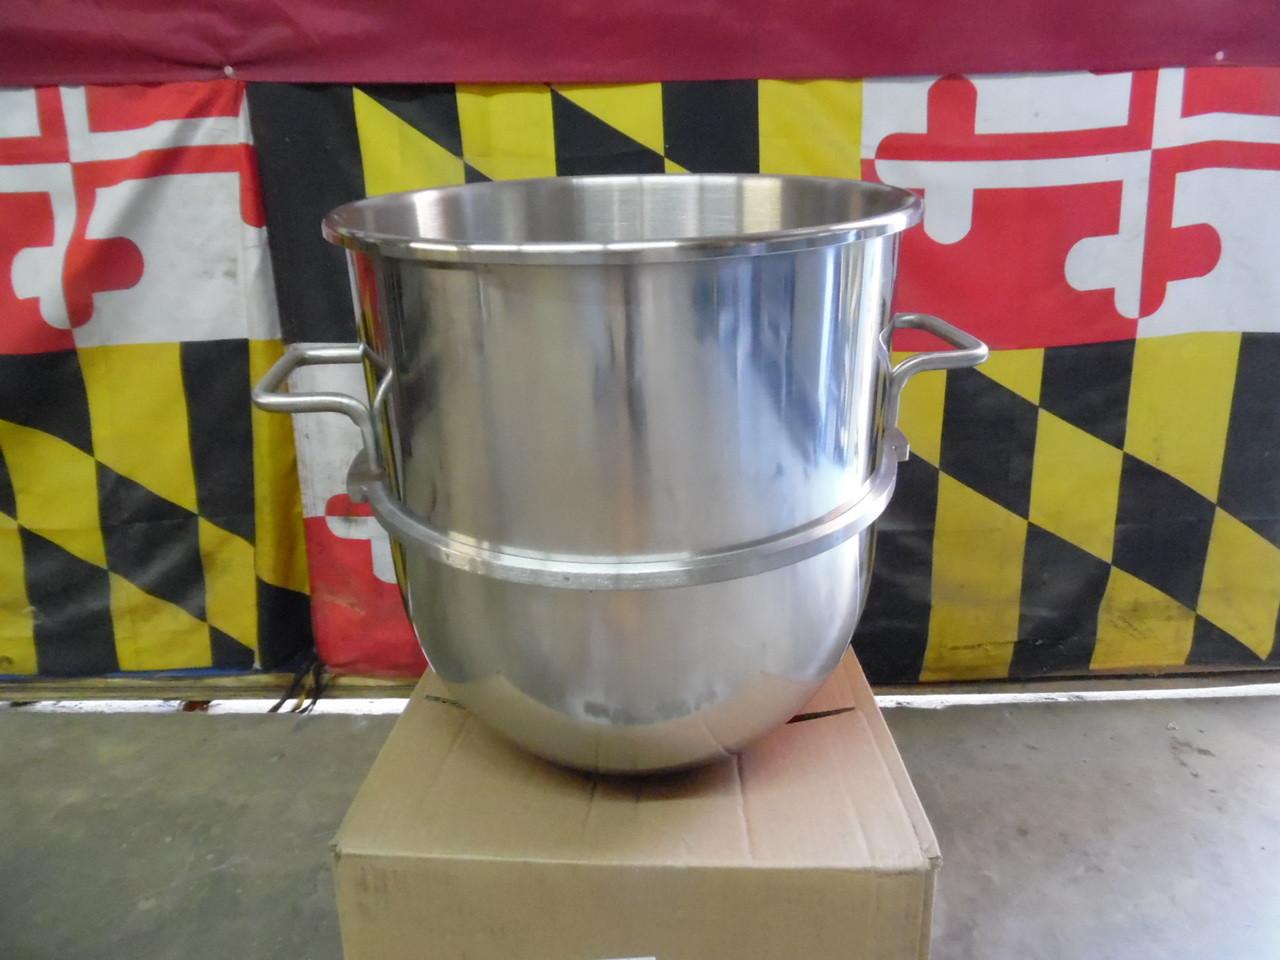 Hobart 40 Qt D340 Mixer Bowl and Attachments Kit